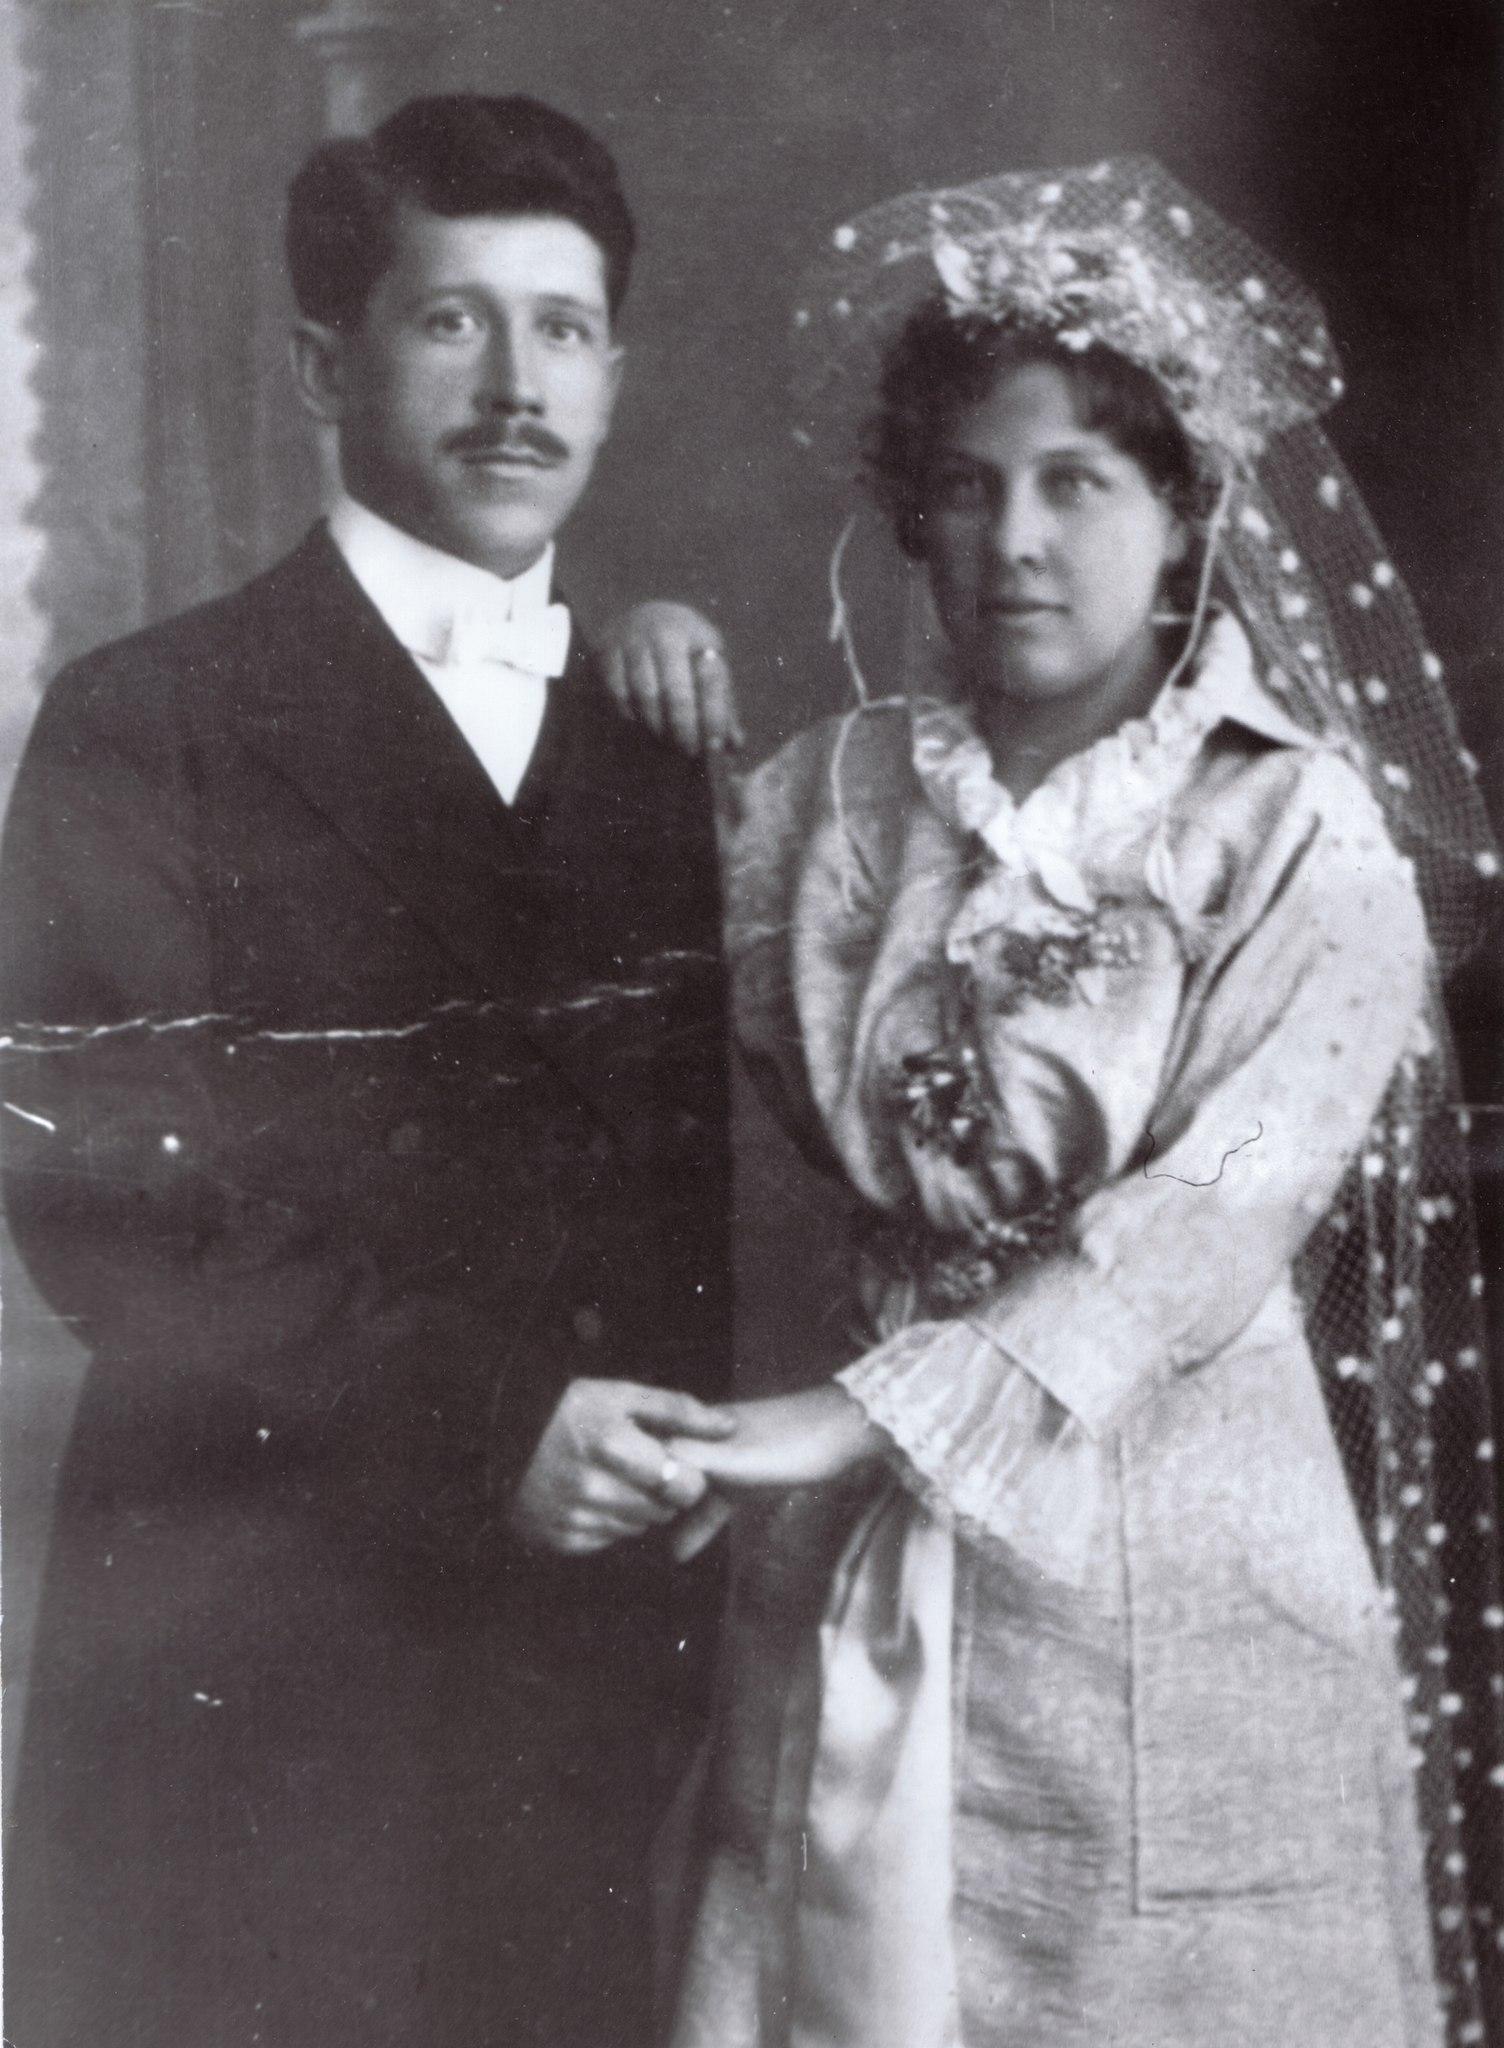 Супруги Сазоновы, Кондратий Кузьмич и Раиса Семёновна. Свадебная фотография, 1918